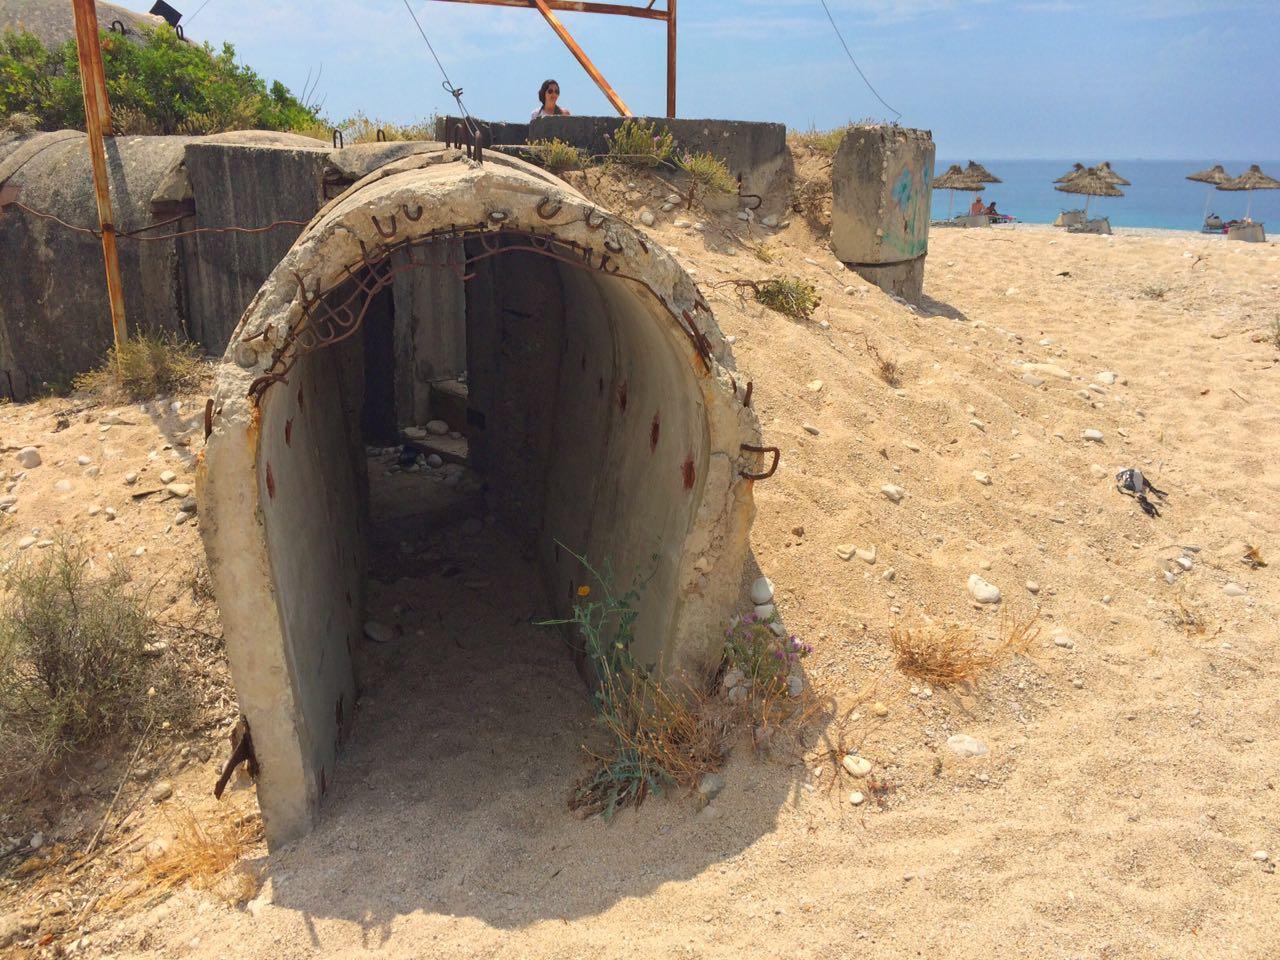 Em Livadh Beach, um dos muitos bunkers que estão espalhados pelo país